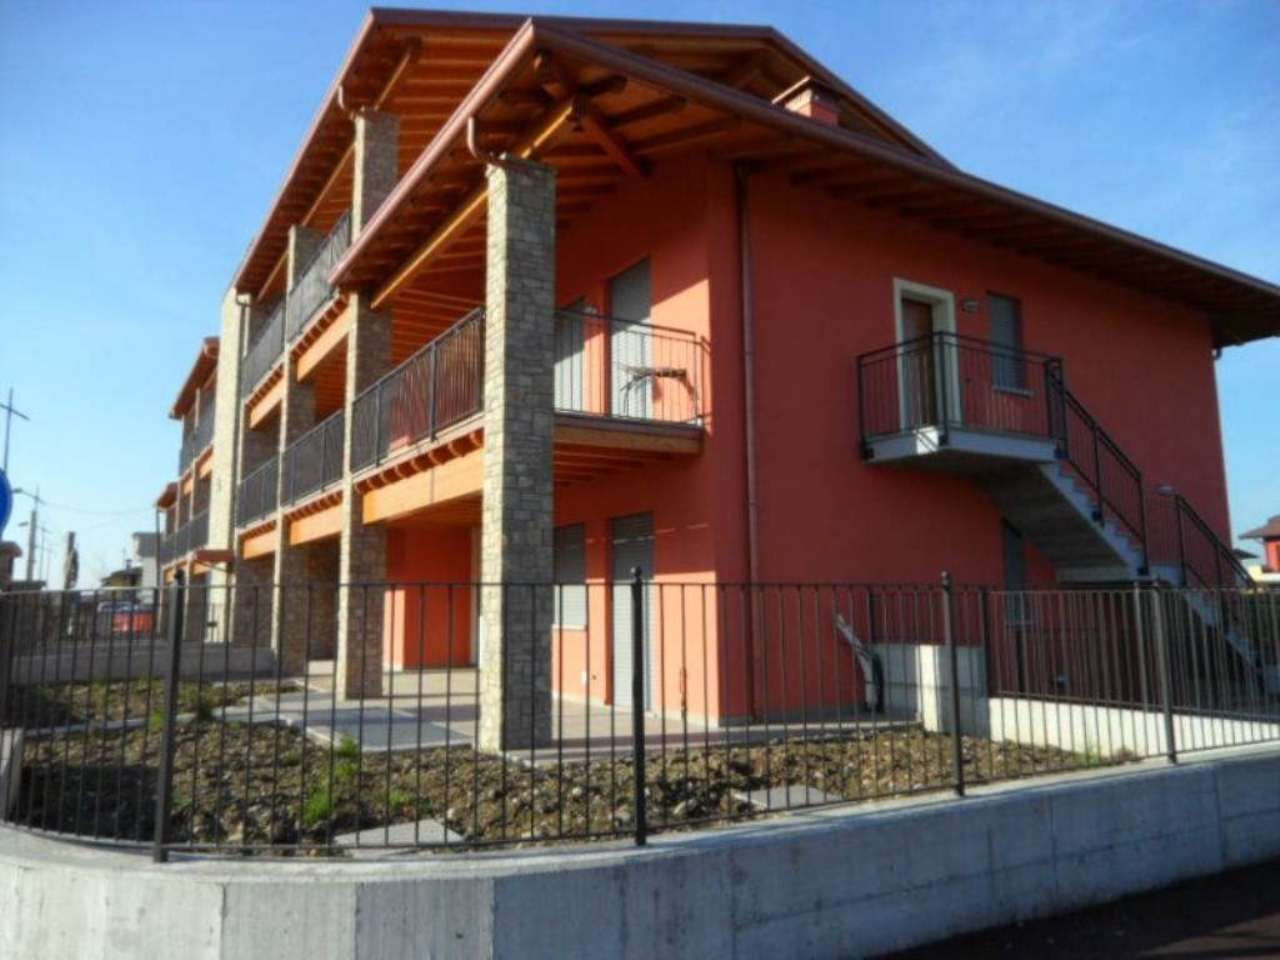 Appartamento in vendita a Grassobbio, 3 locali, prezzo € 170.000 | Cambio Casa.it